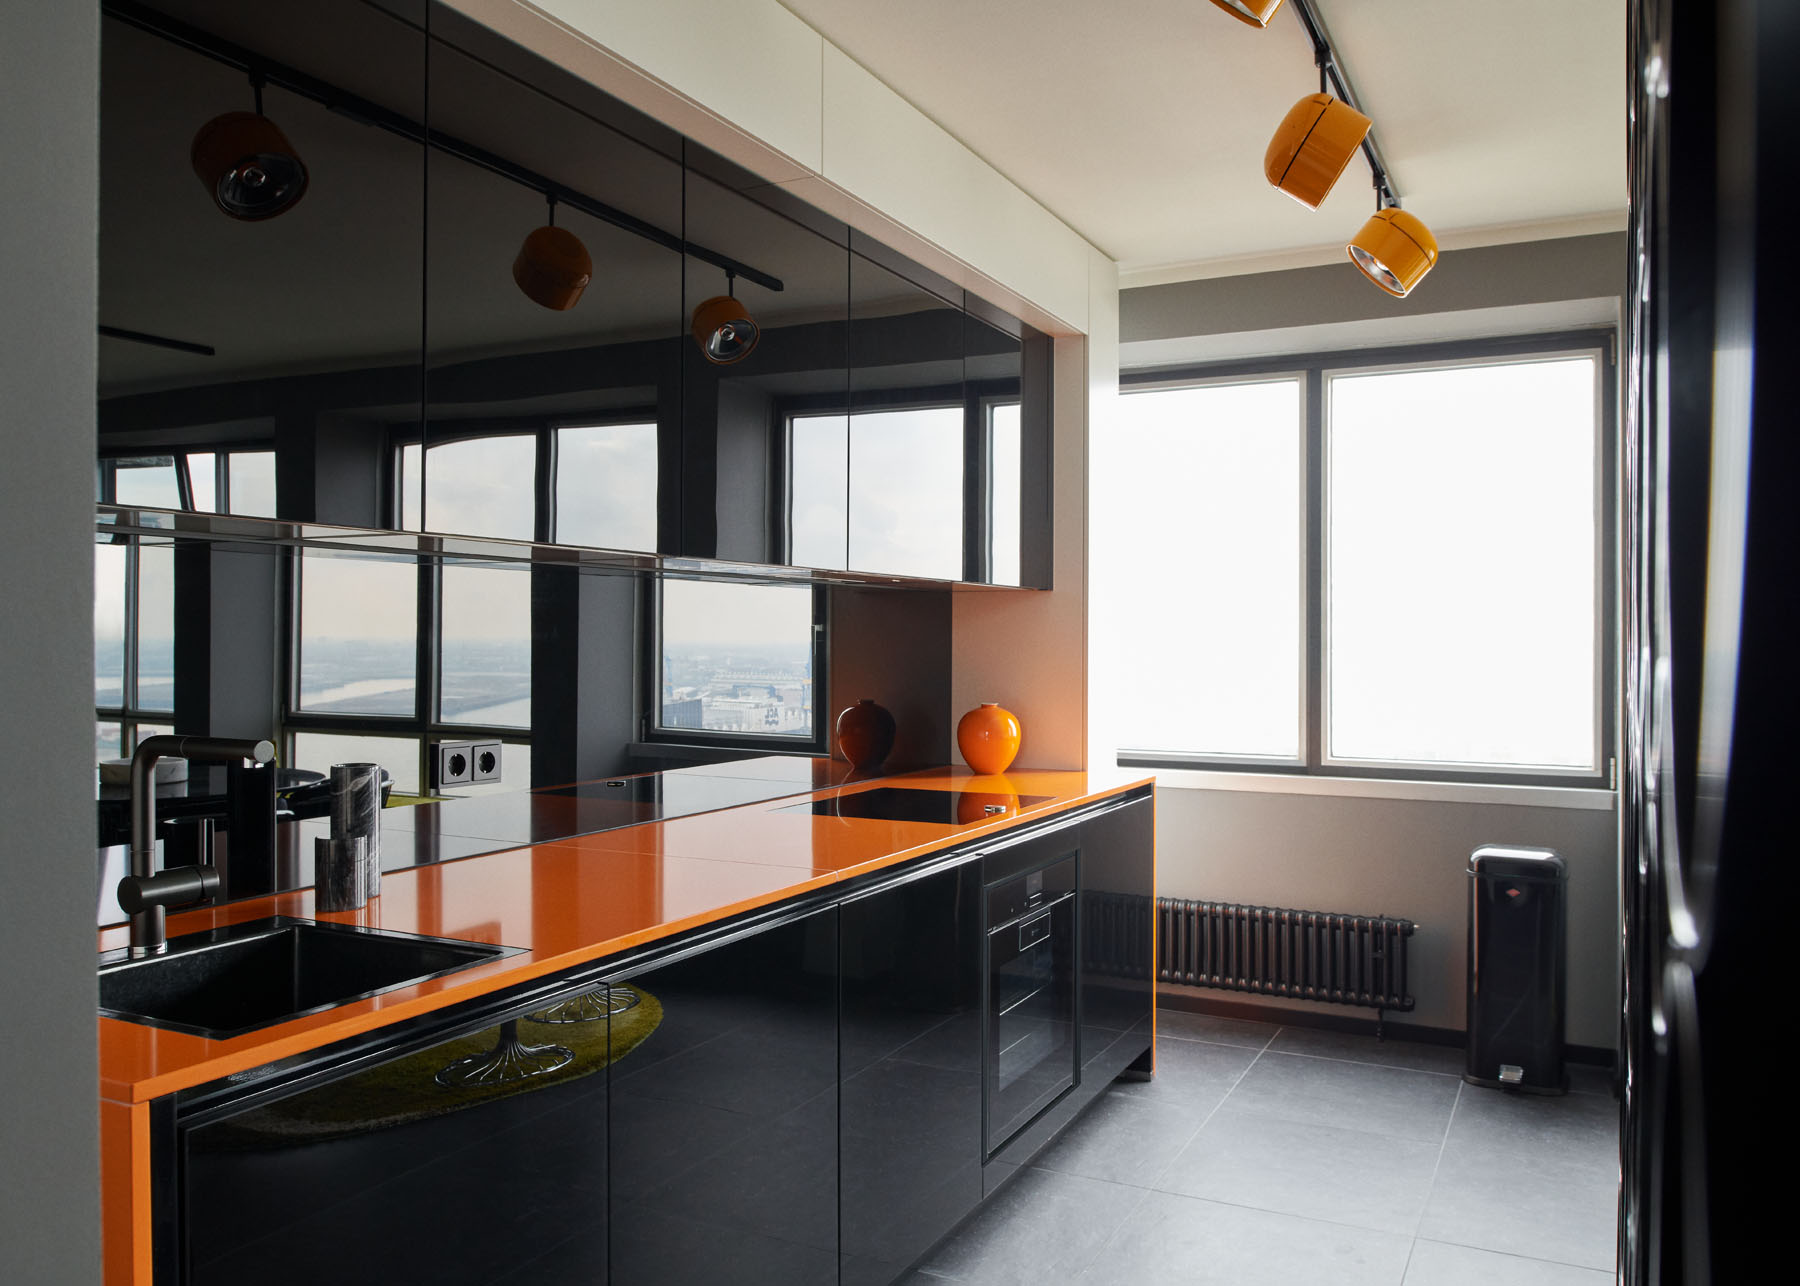 Küchengeschichte und Kitchenstory von Armin Morbach - Küche&Co